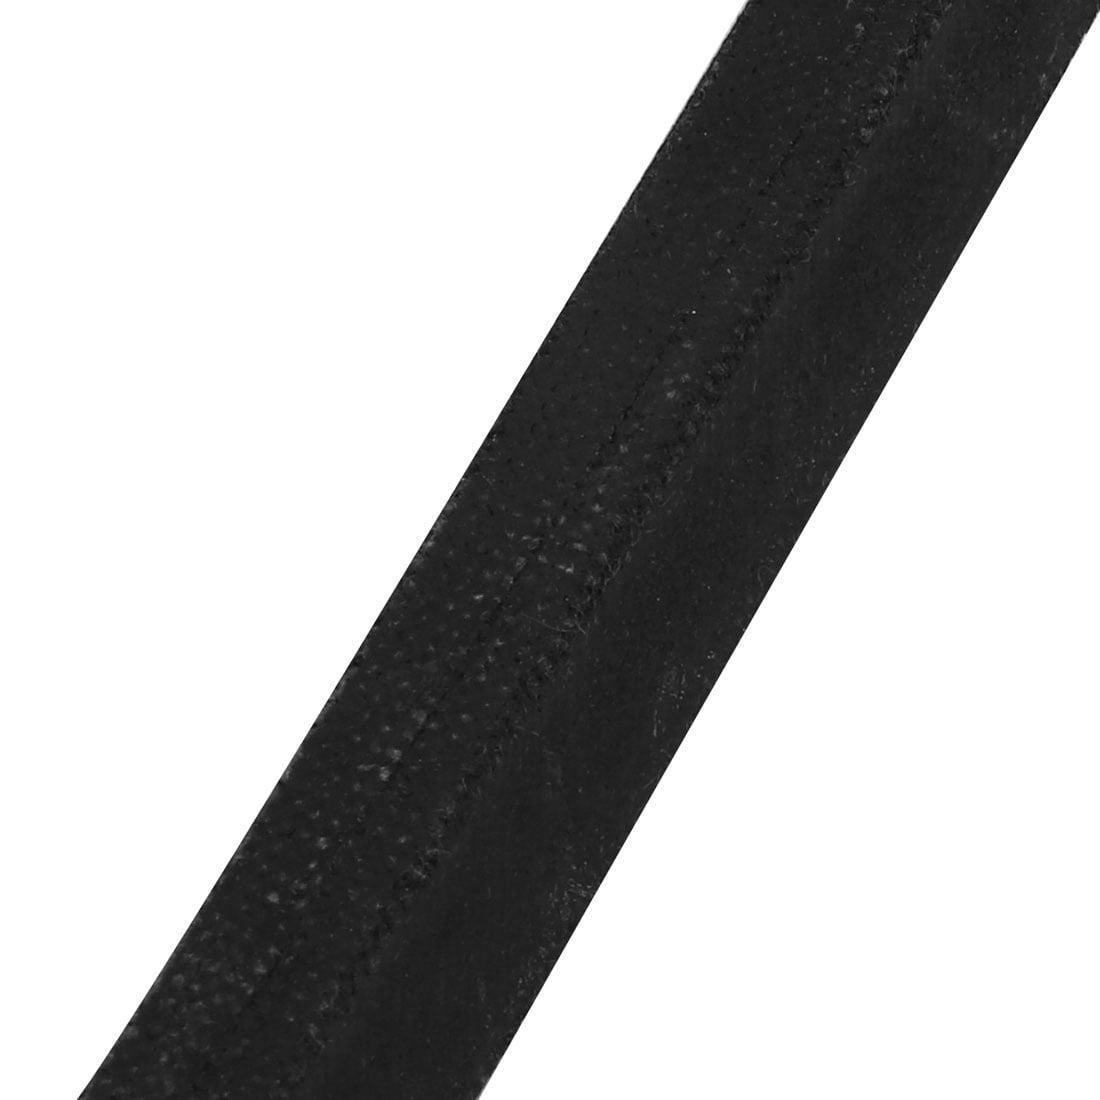 Unique Bargains B1300 17mm Width 11mm Thickness Rubber Transmission Driving Belt V-Belt - image 2 de 3